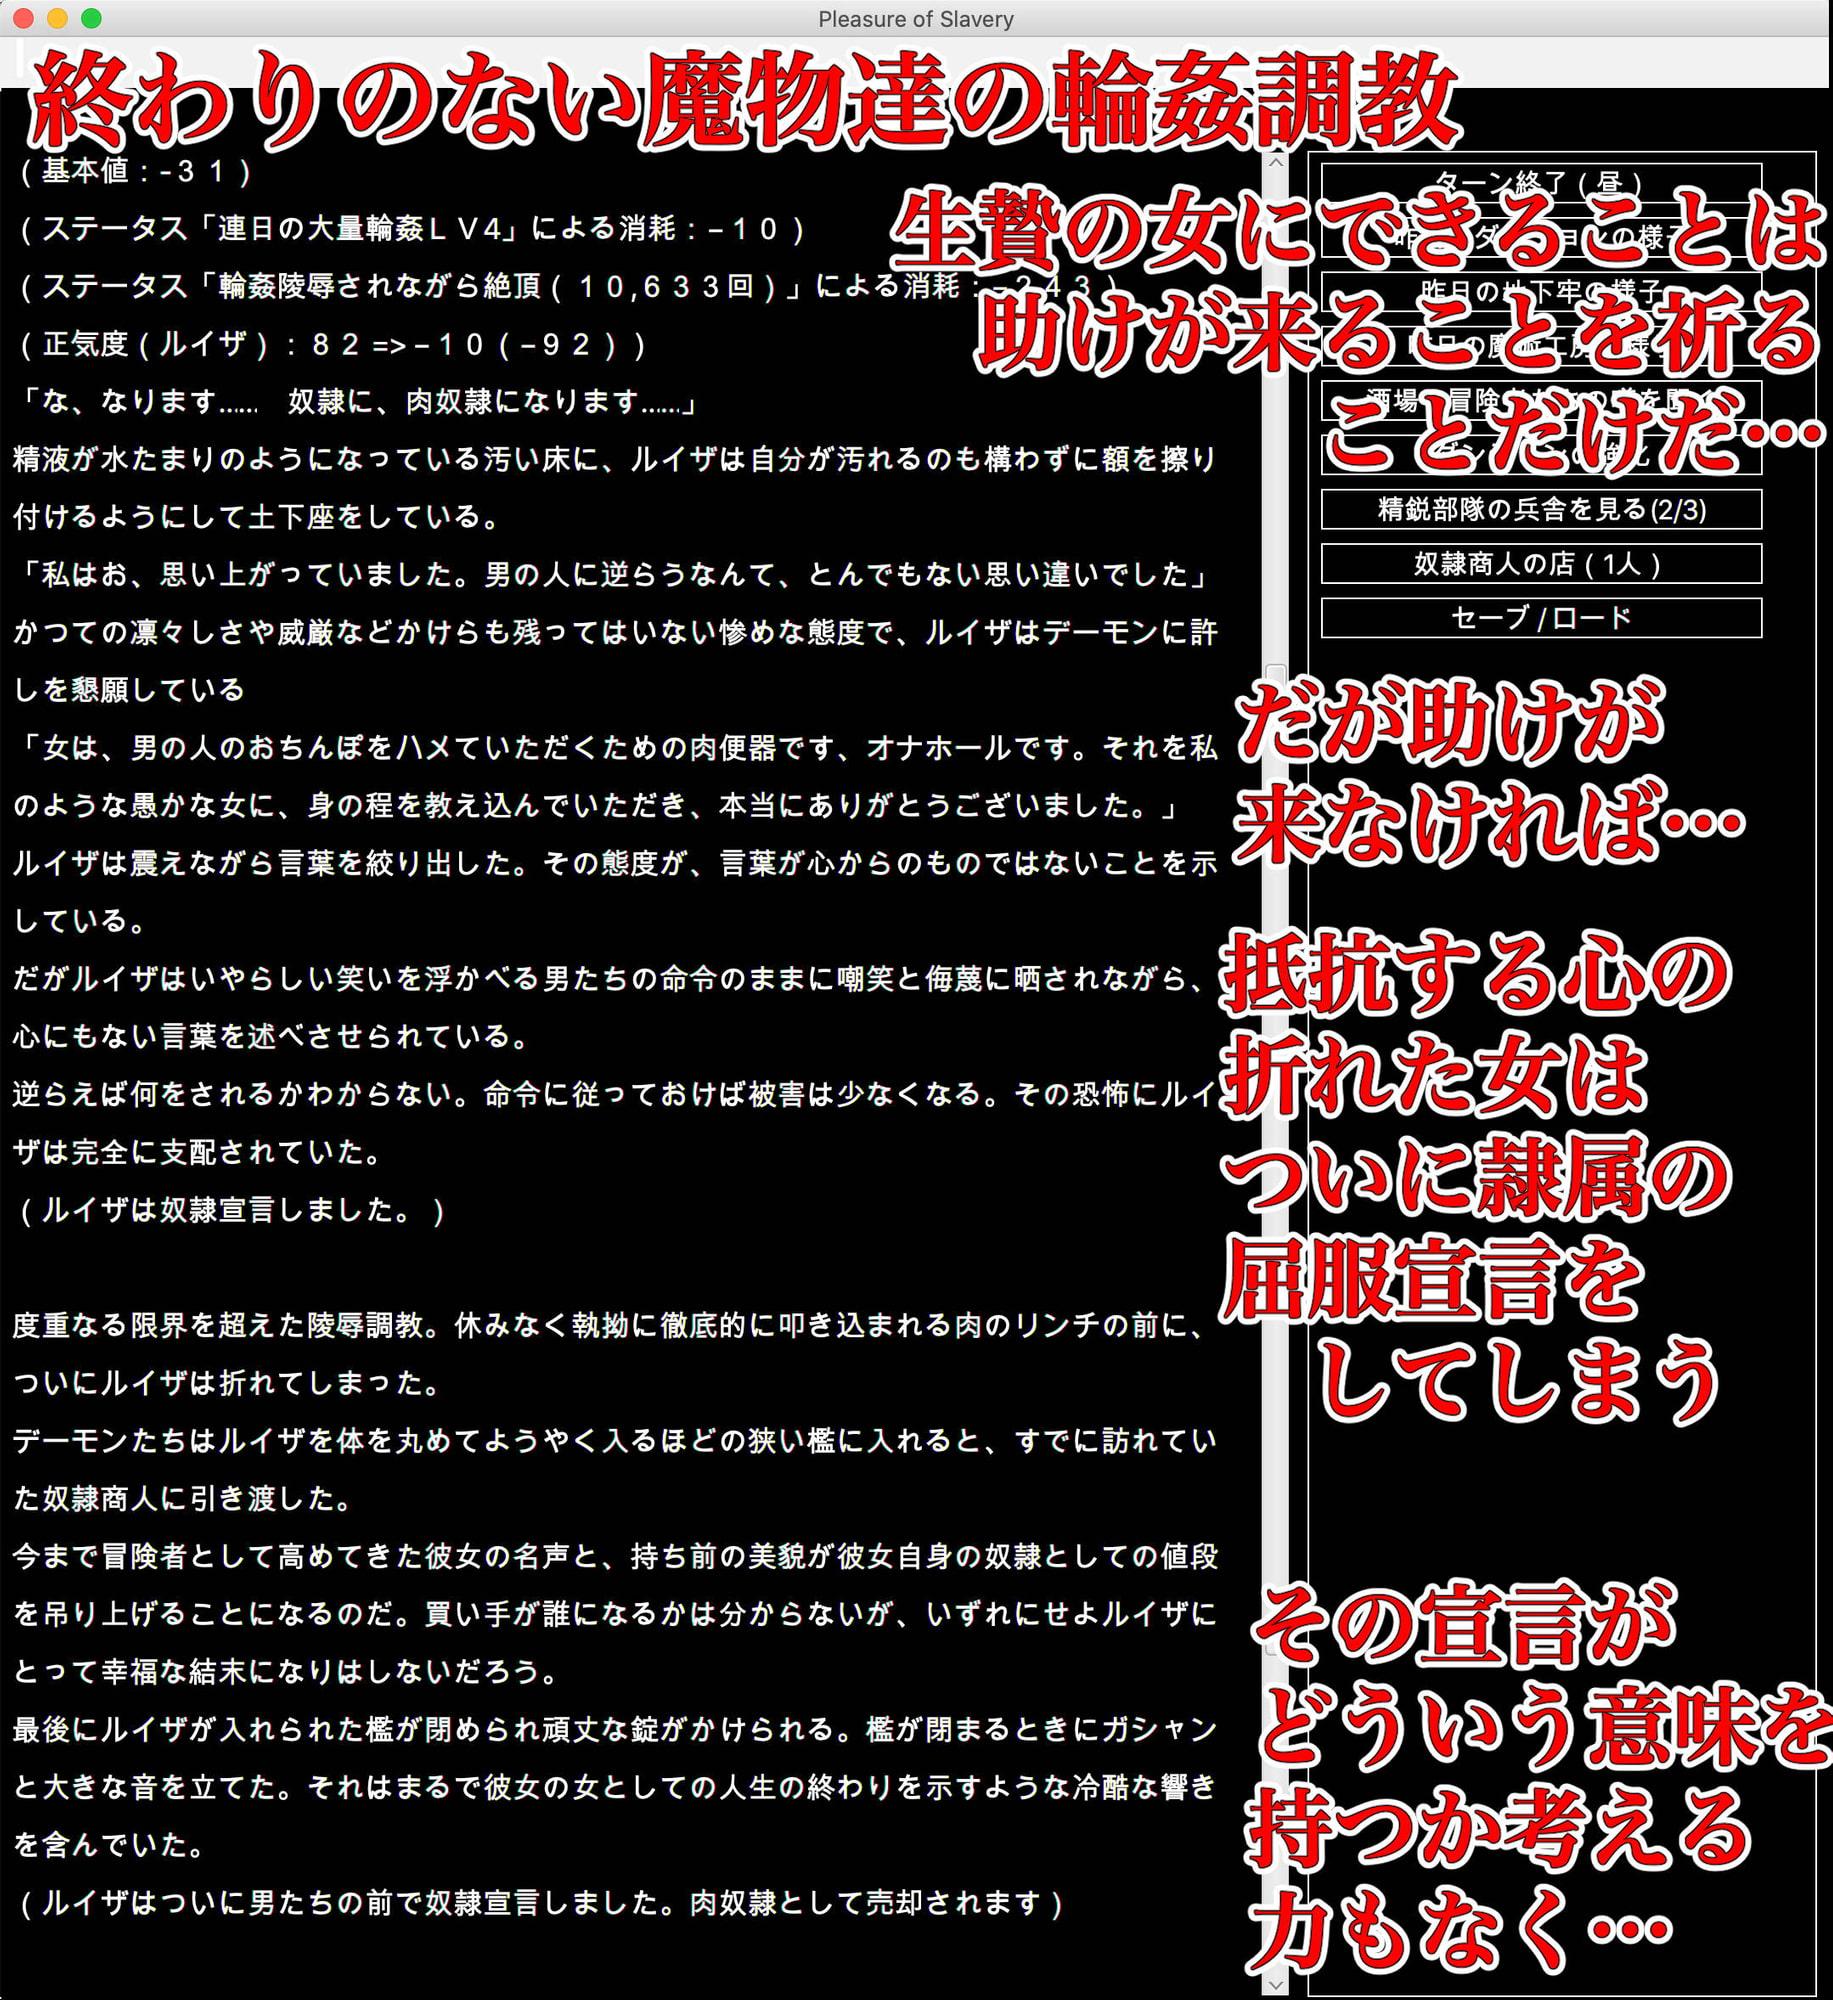 陵辱異種姦ダンジョン〜敗北した女冒険者は魔物の孕み袋〜5